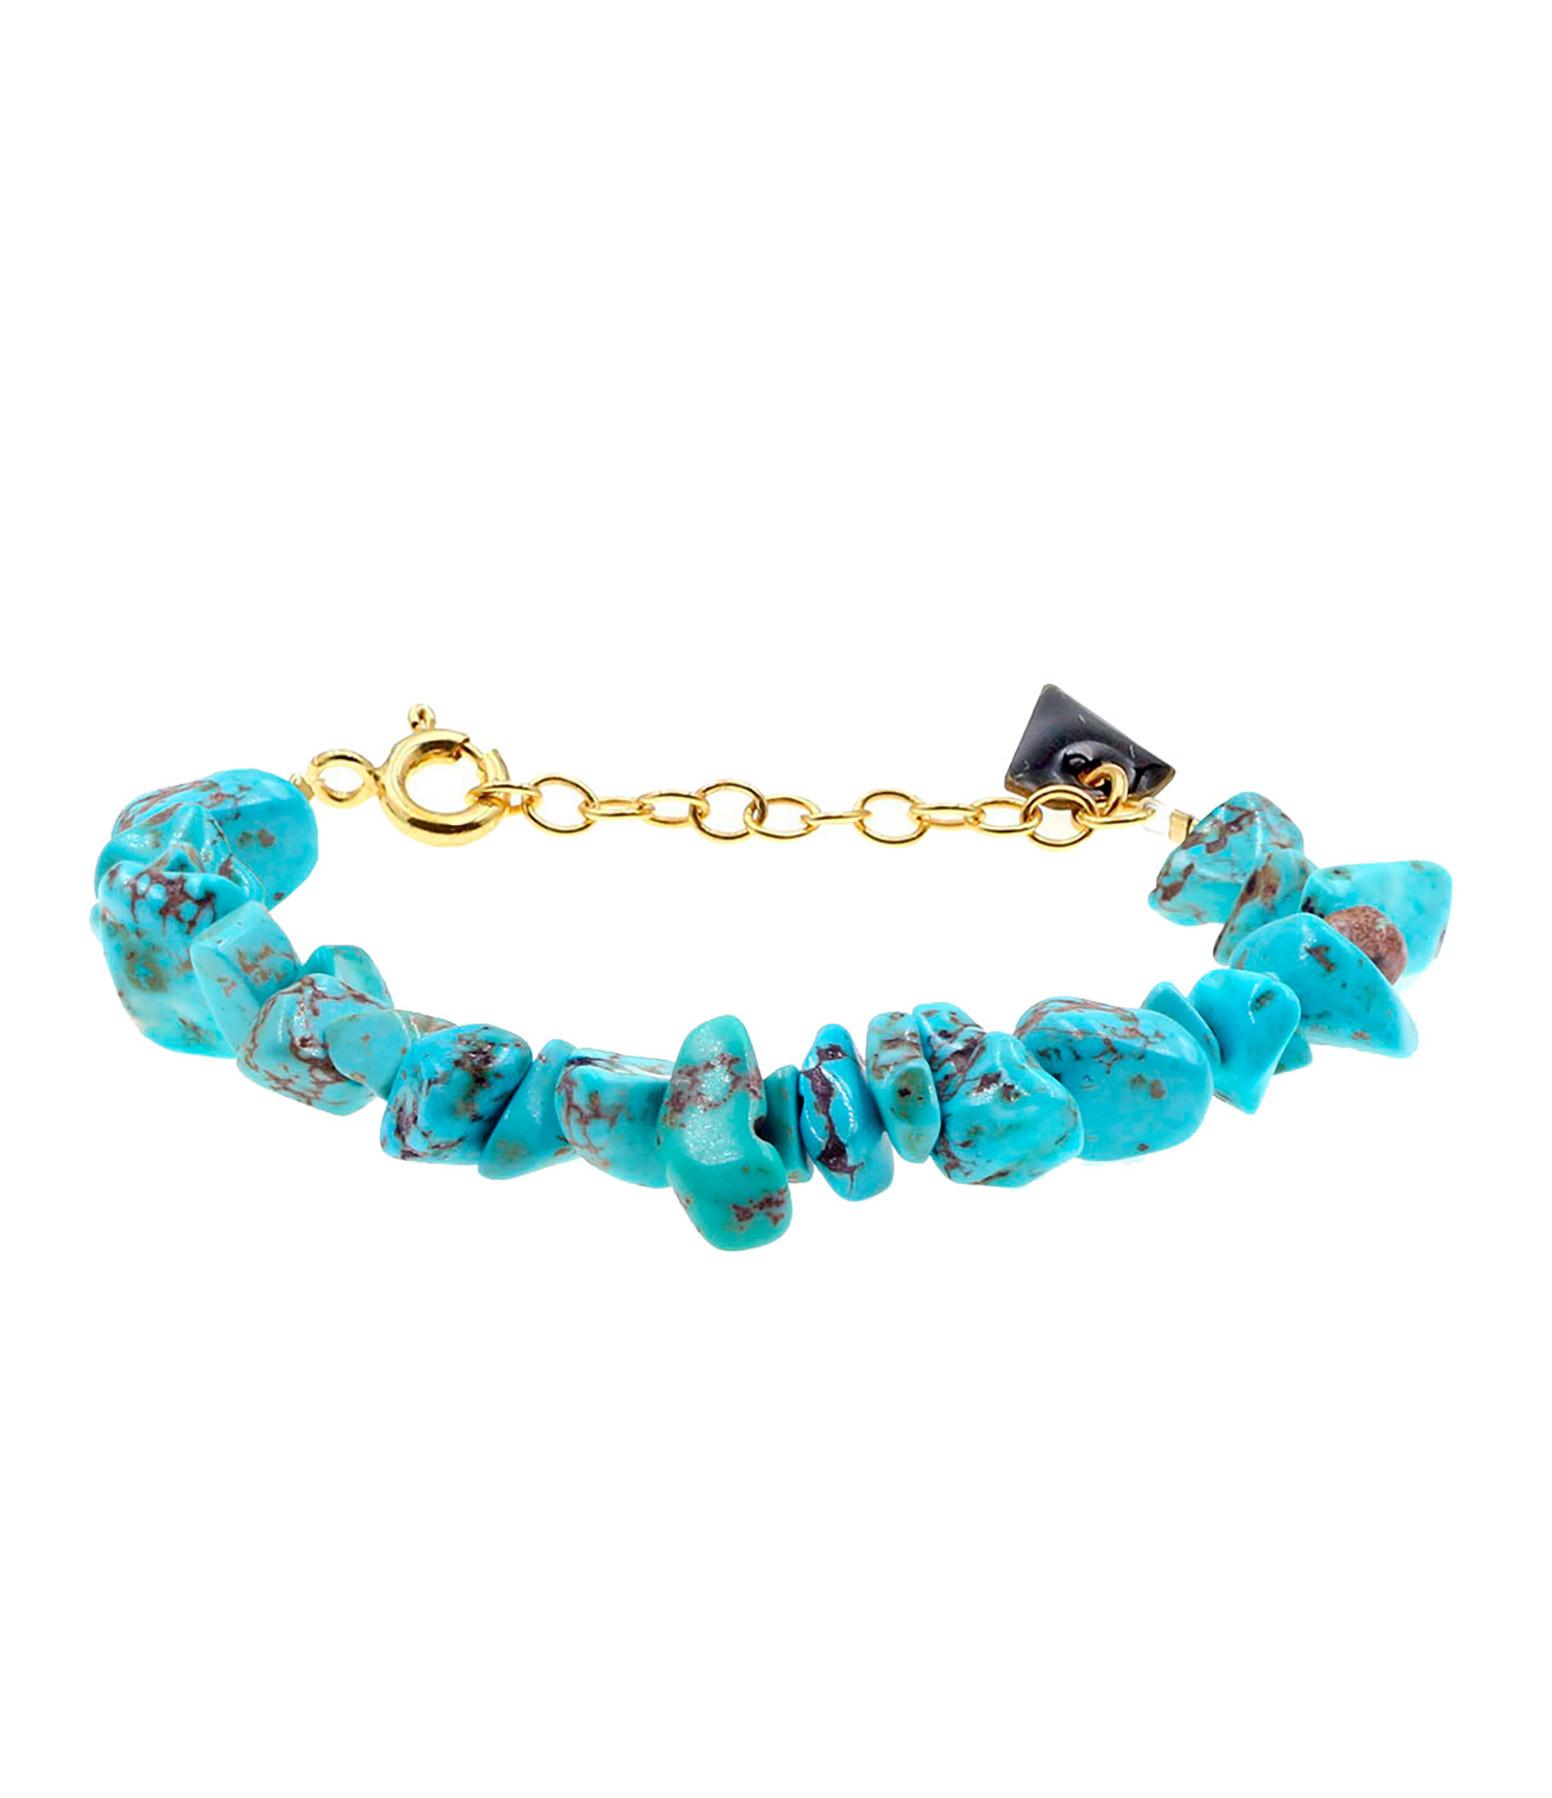 MON PRECIEUX GEM - Bracelet Facettes Turquoise